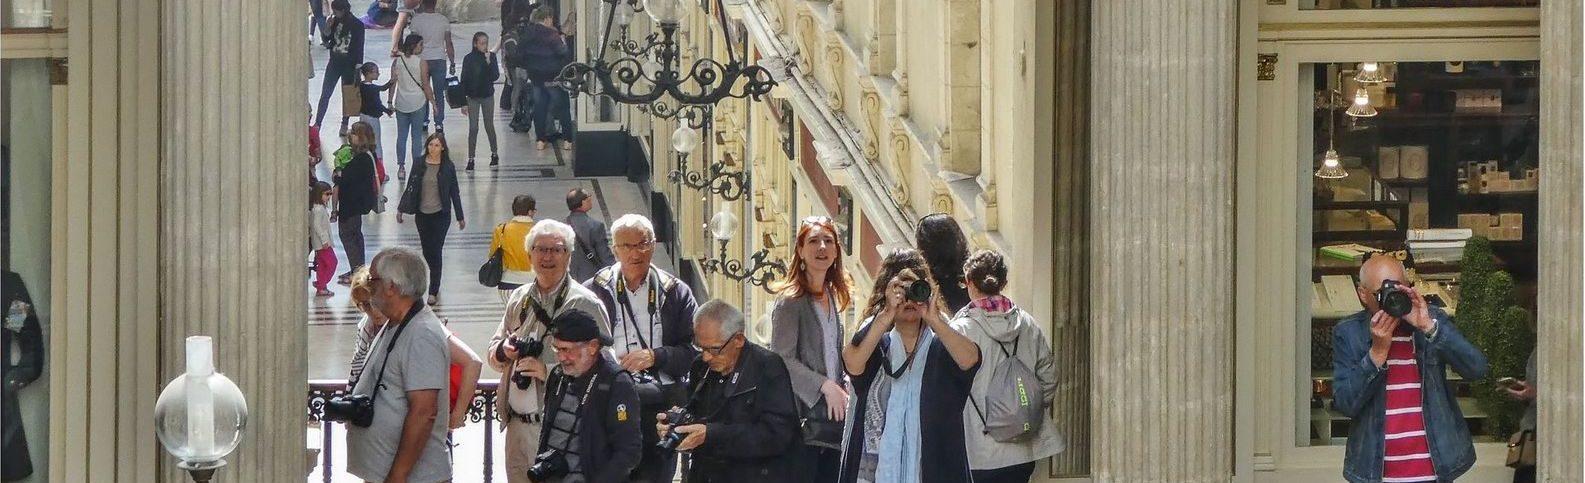 Sortie urbaine à Nantes le 19 Mai 2018